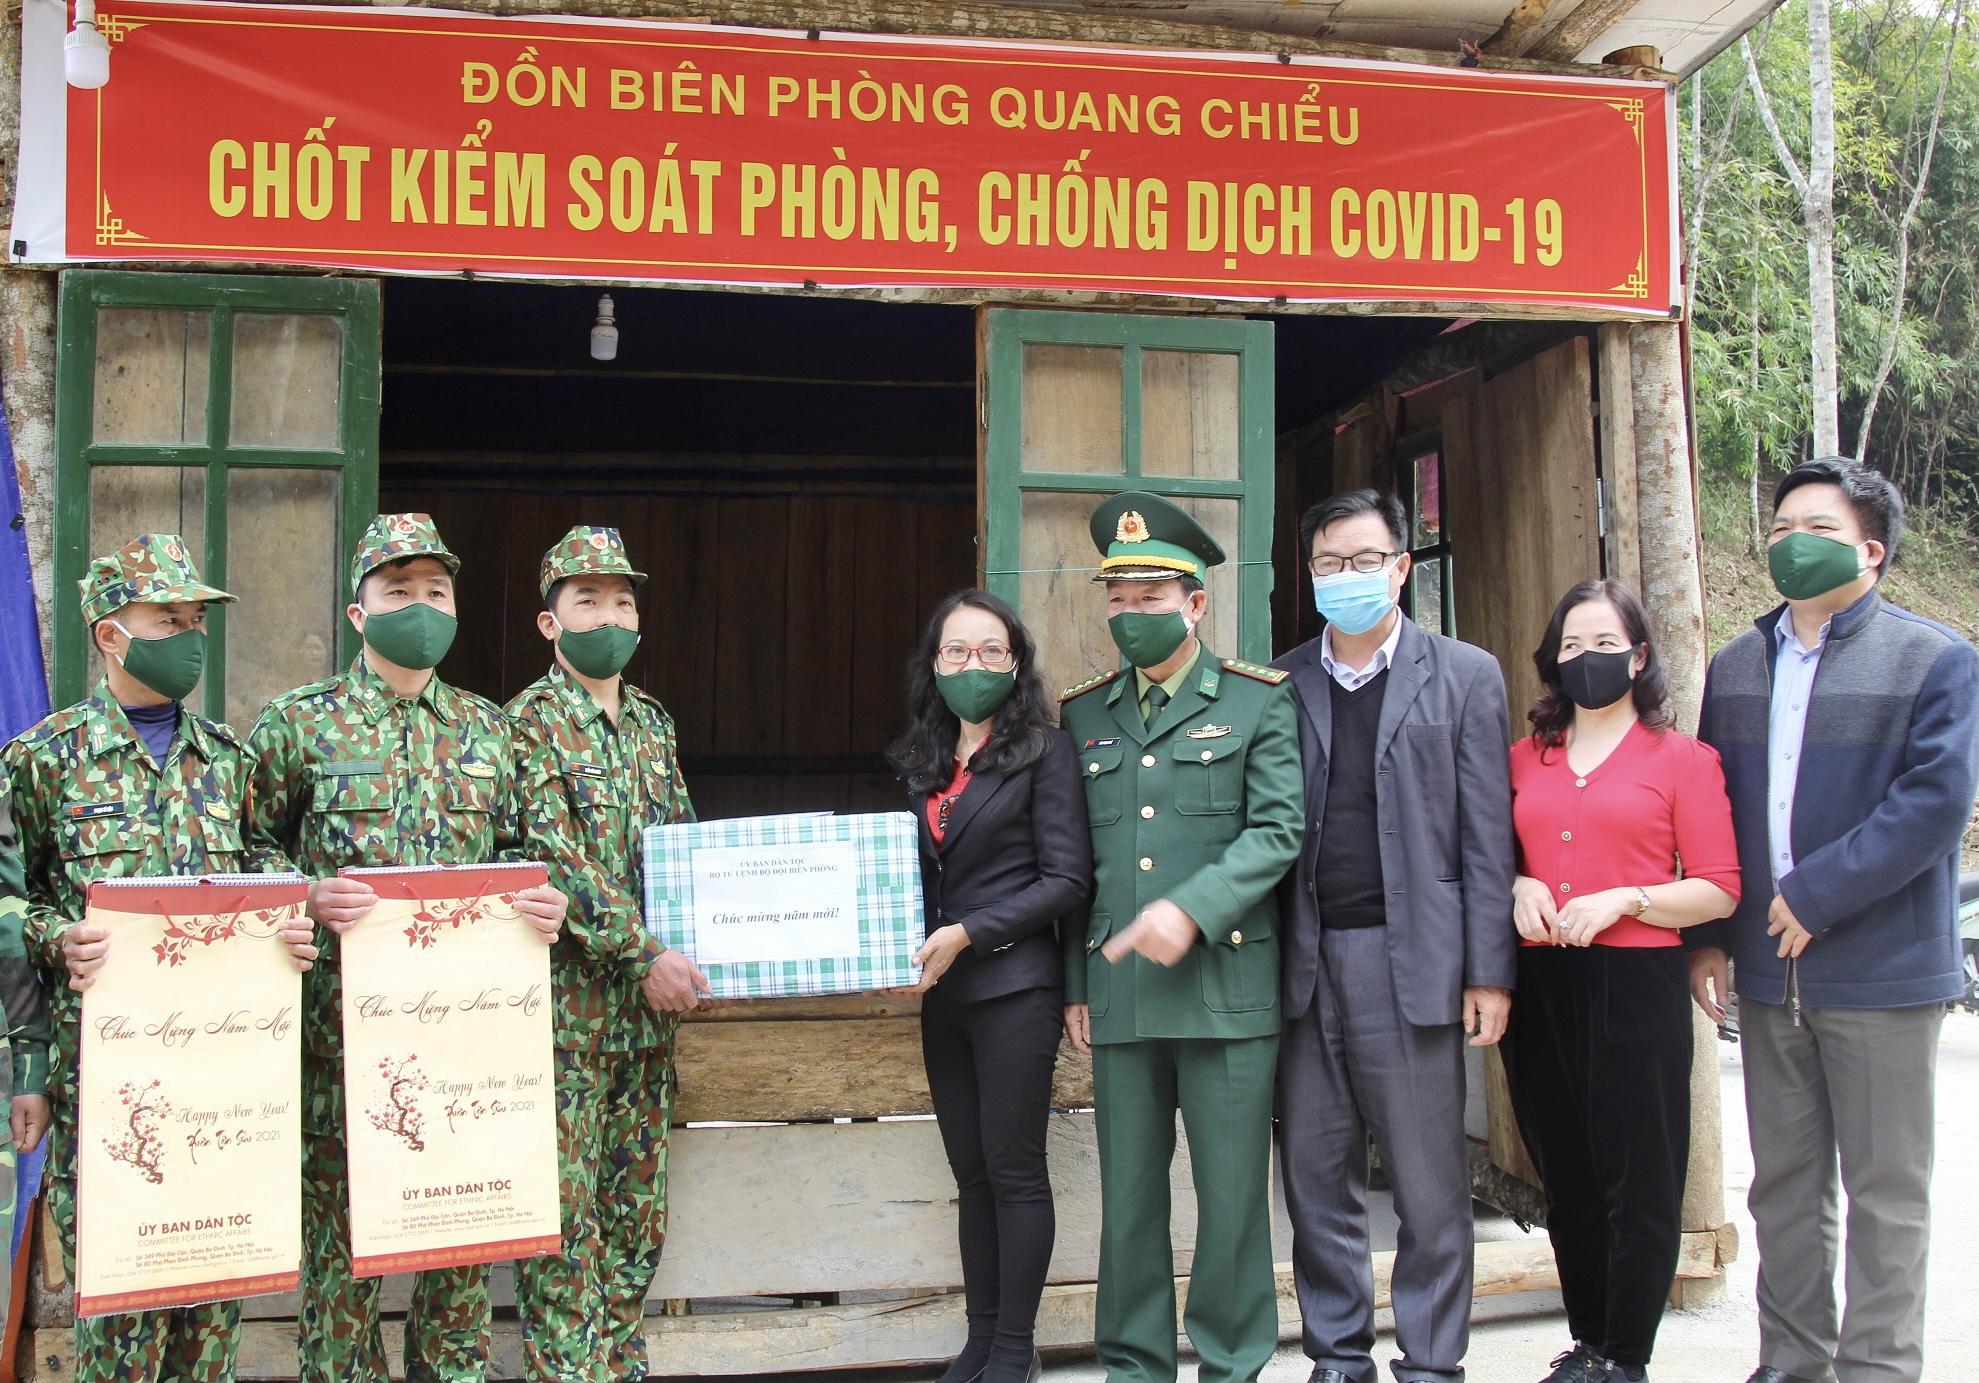 Thứ trưởng, Phó Chủ nhiệm Hoàng Thị Hạnh tặng quà chốt Phòng chống Covid-19 (Đồn Biên phòng Quang Chiểu)